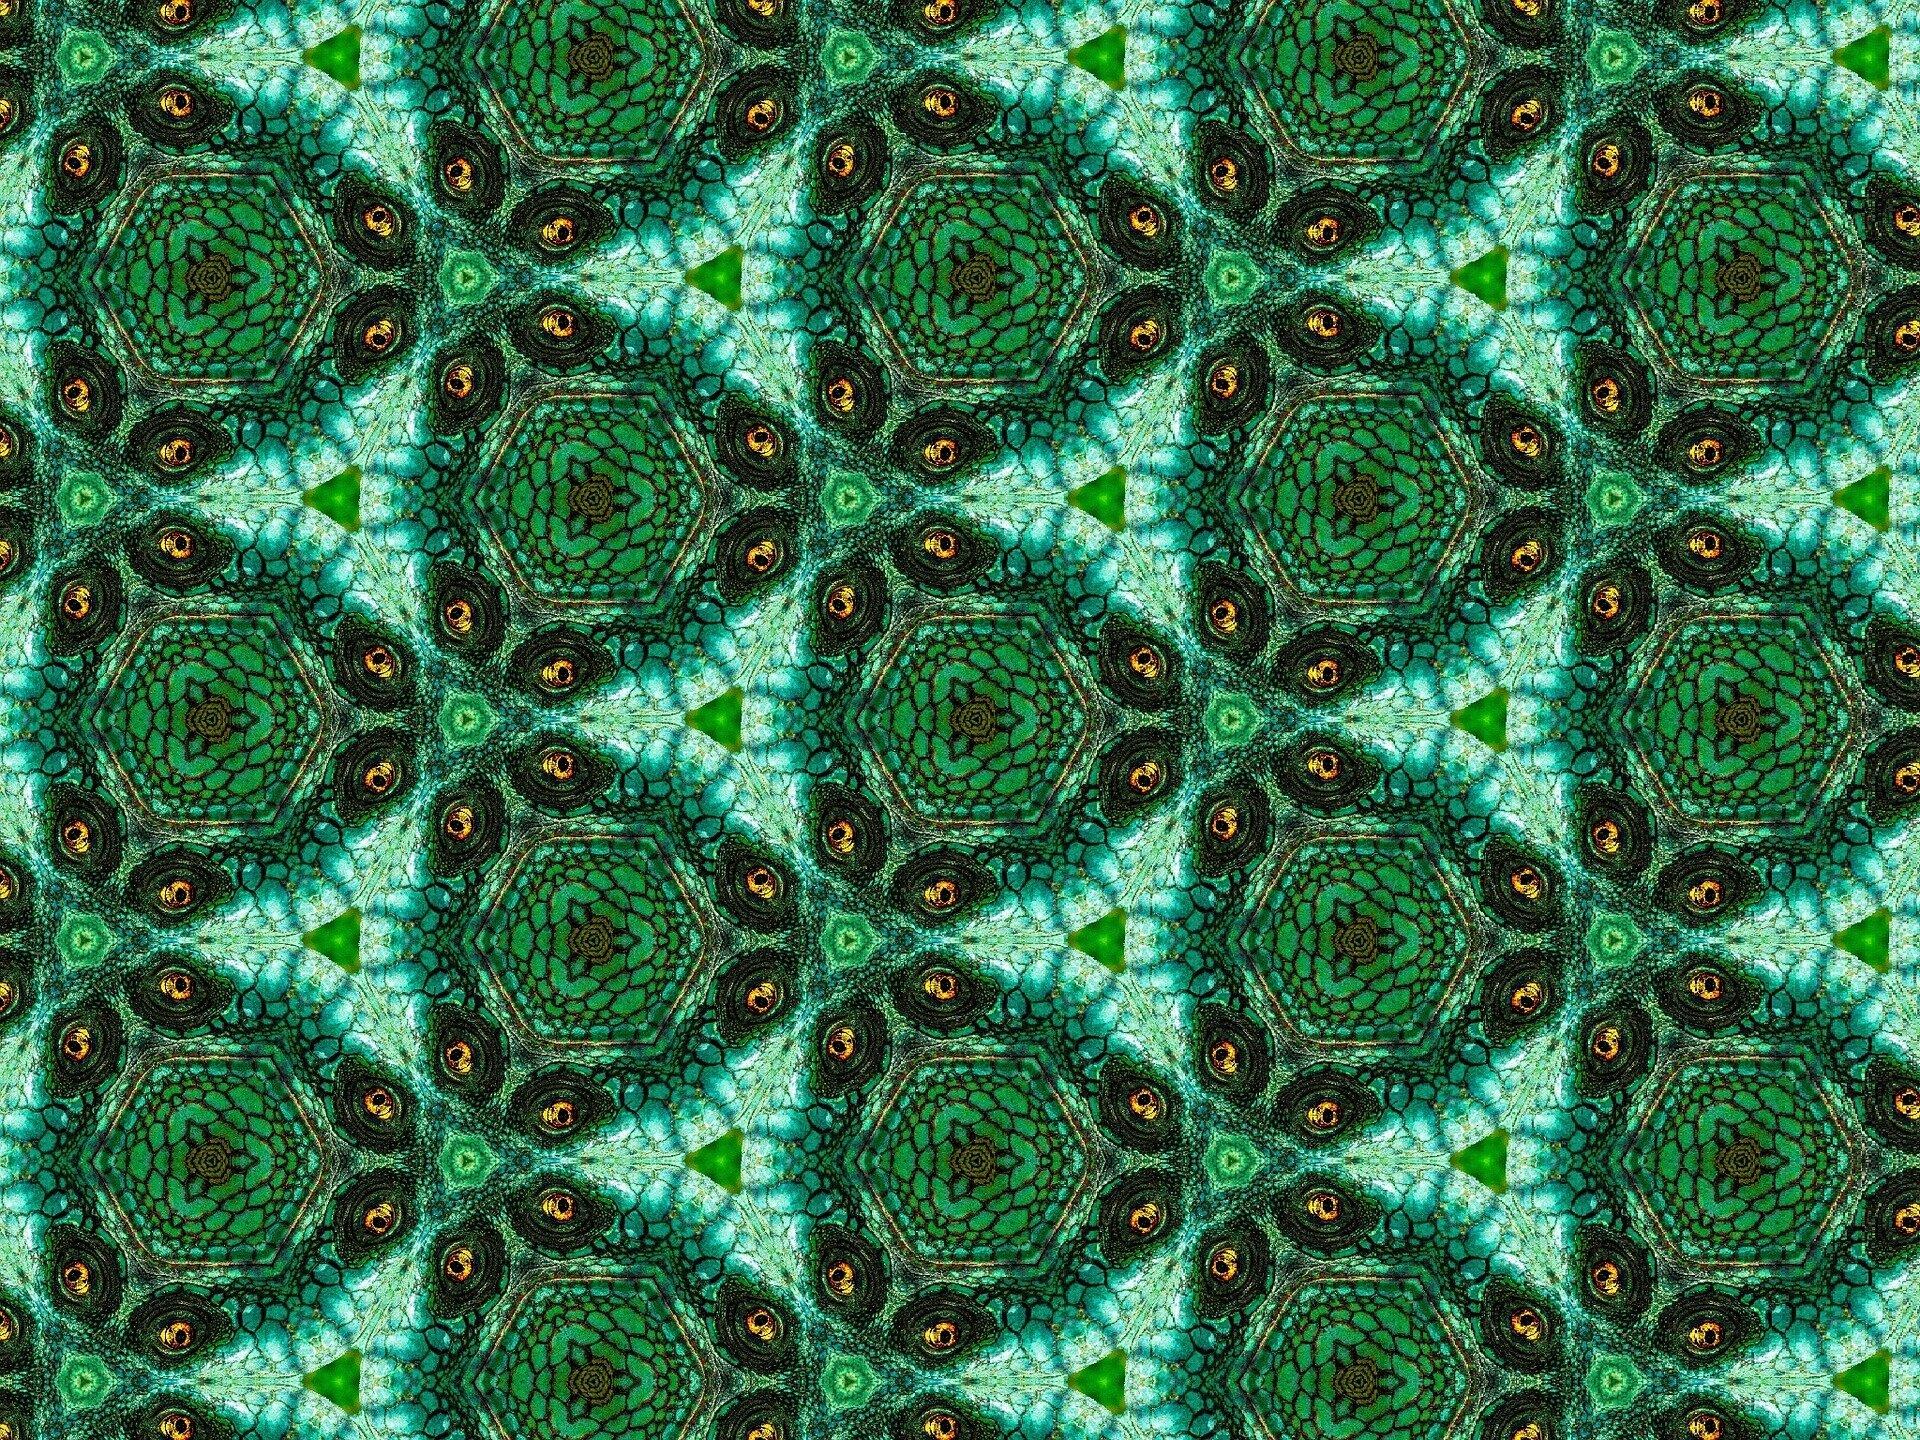 Ilustracja przedstawia kompozycję, do stworzenia której wykorzystano symetryczne, lustrzane odbicia na wzór obrazu kalejdoskopowego. Praca składa się zdwóch rodzajów, powtarzających się trójkątnych płaszczyzn. Mniejsze jasne trójkąty zmałymi zielonymi trójkącikami pośrodku wpisane są pomiędzy duże ciemne trójkąty zbrązowo-pomarańczowymi, podwójnymi plamkami na rogach. Wszystkie elementy układają się wjednolity deseń. Praca utrzymana jest wwąskiej, zielono-brązowej gamie barw zakcentami oranżu.